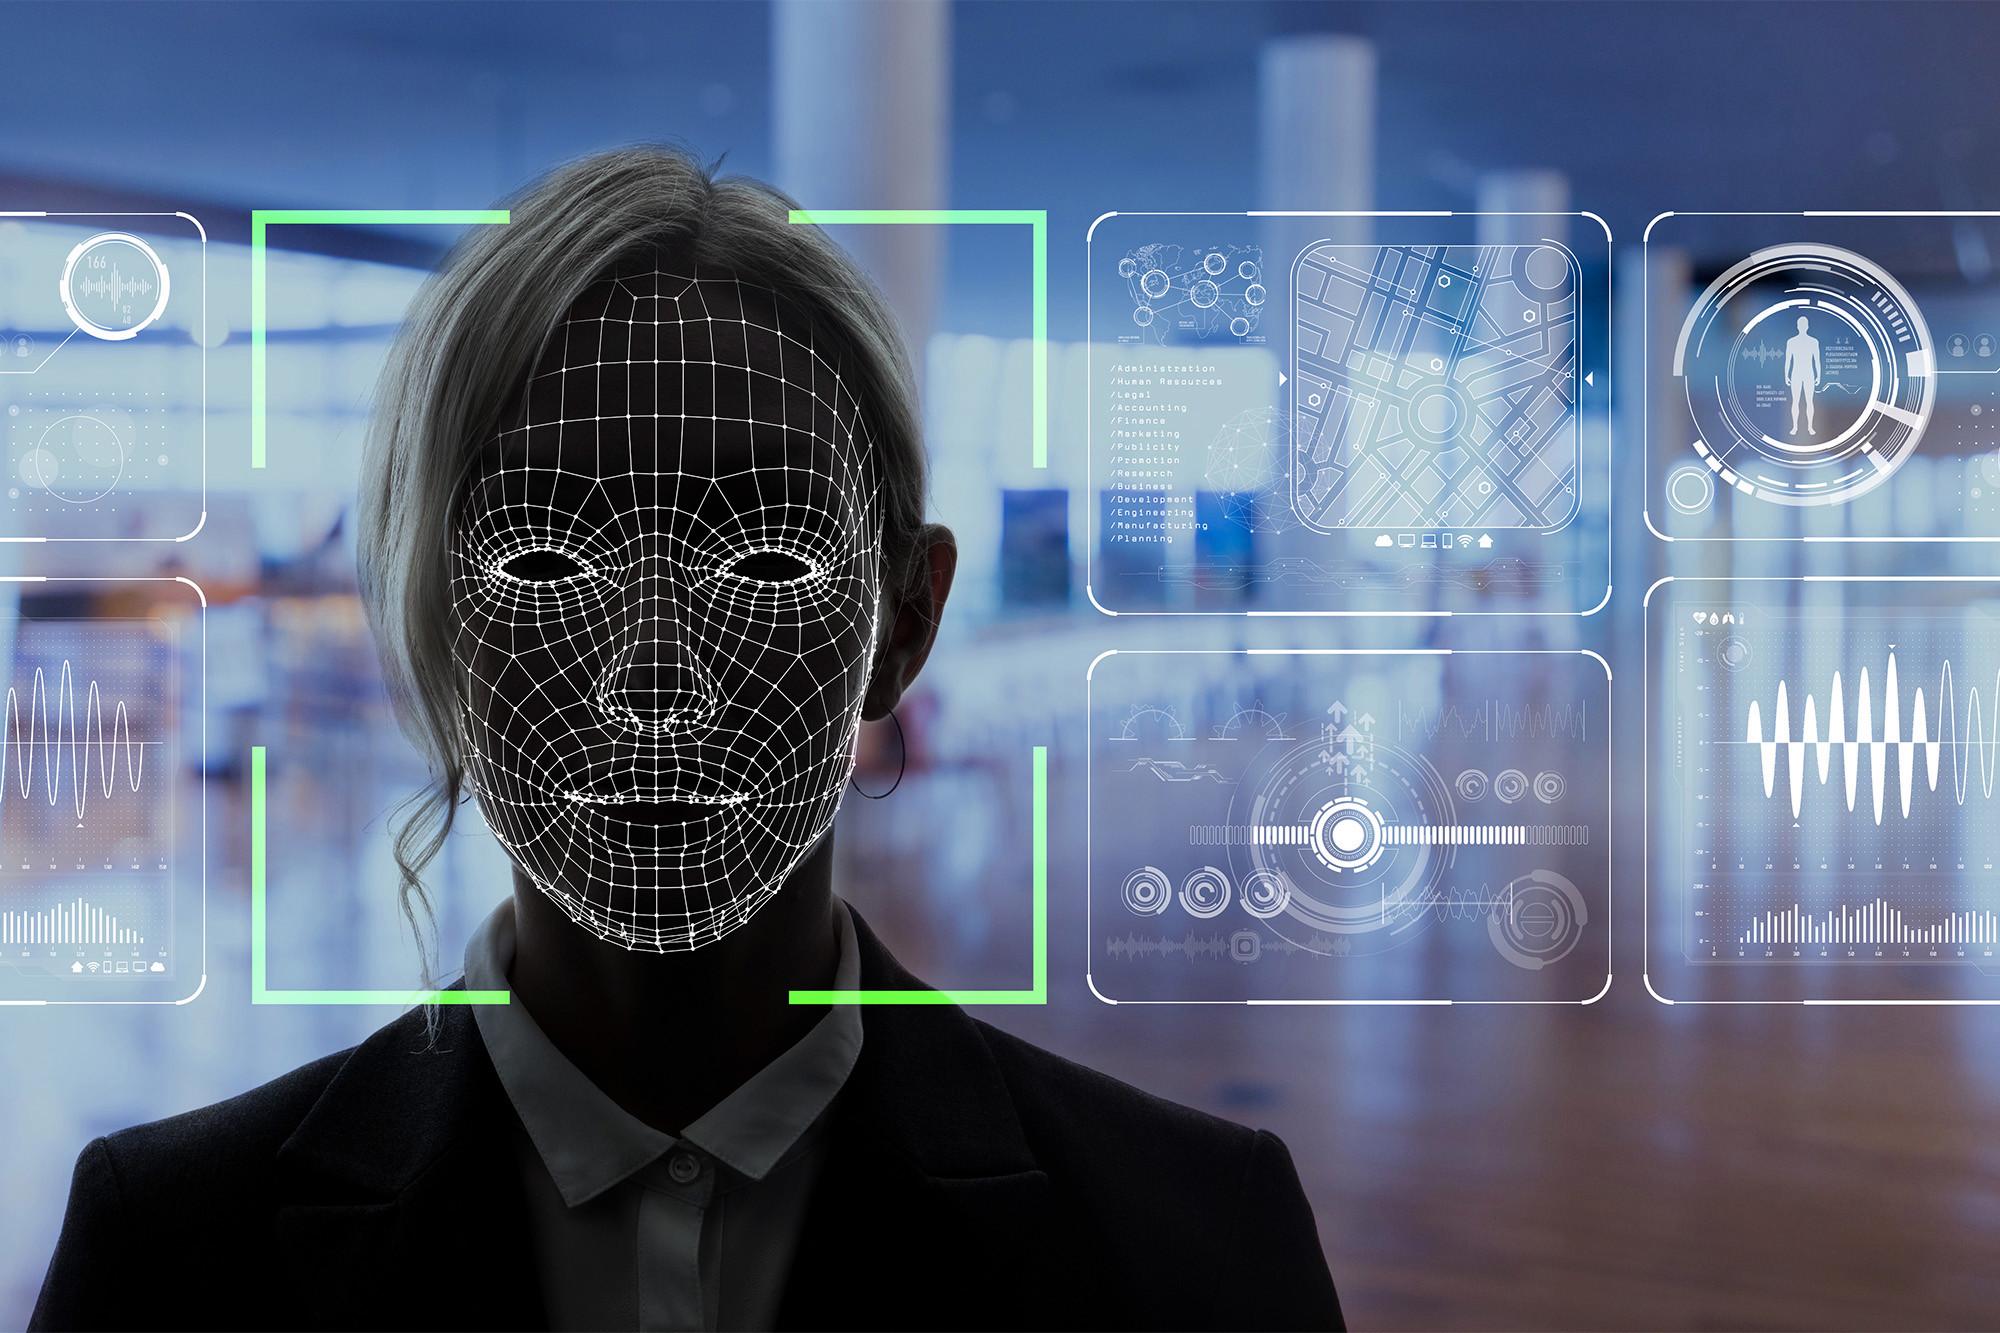 ЦБ и РЖД прорабатывают внедрение биометрии для идентификации пассажиров